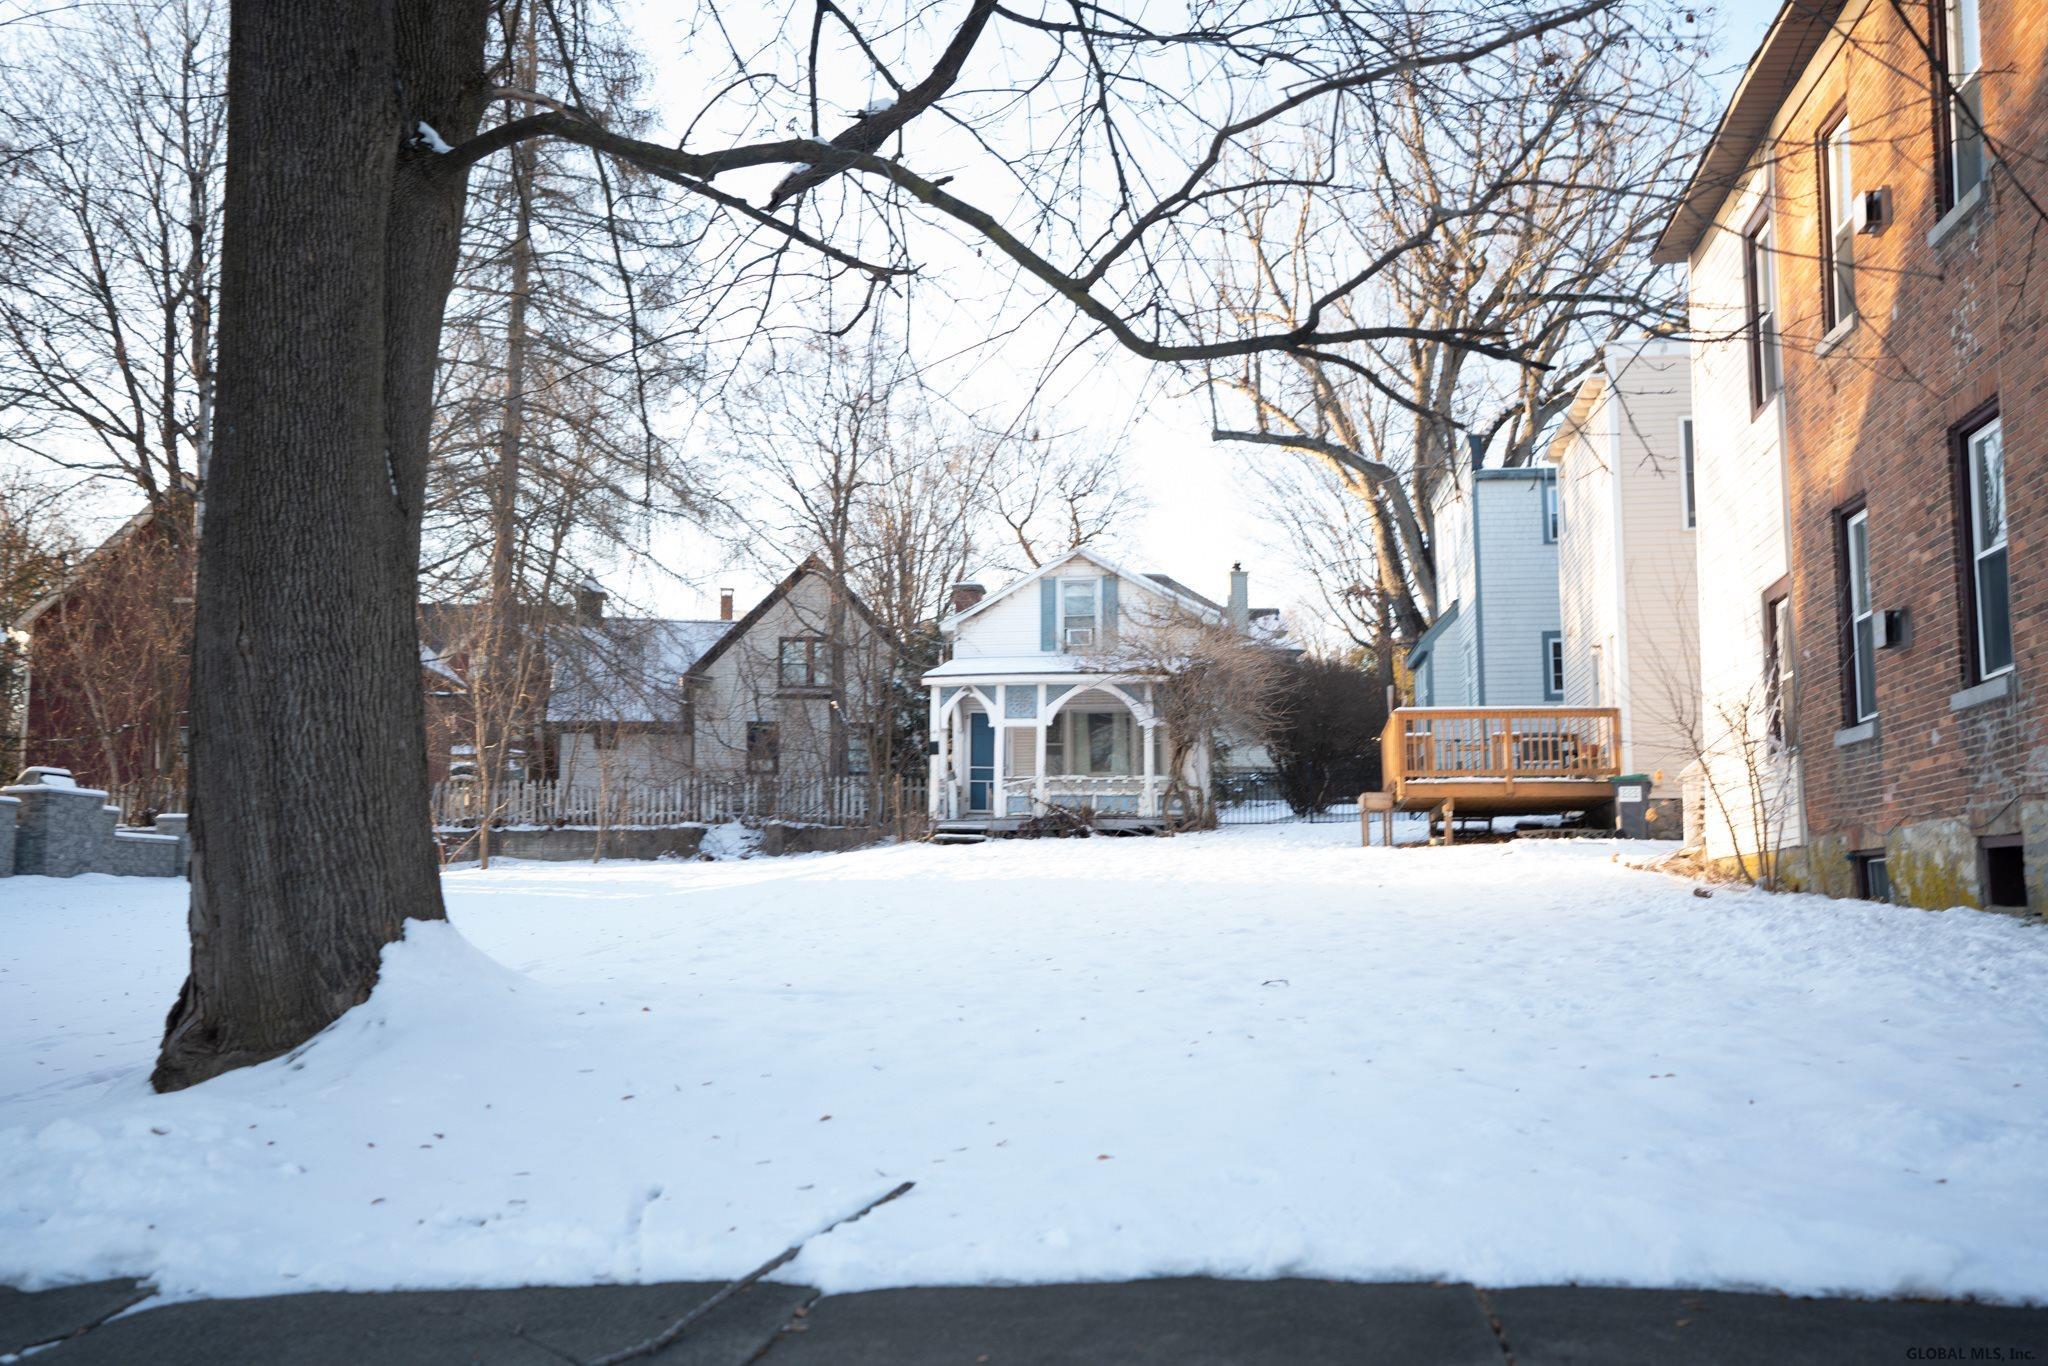 Saratoga S image 57